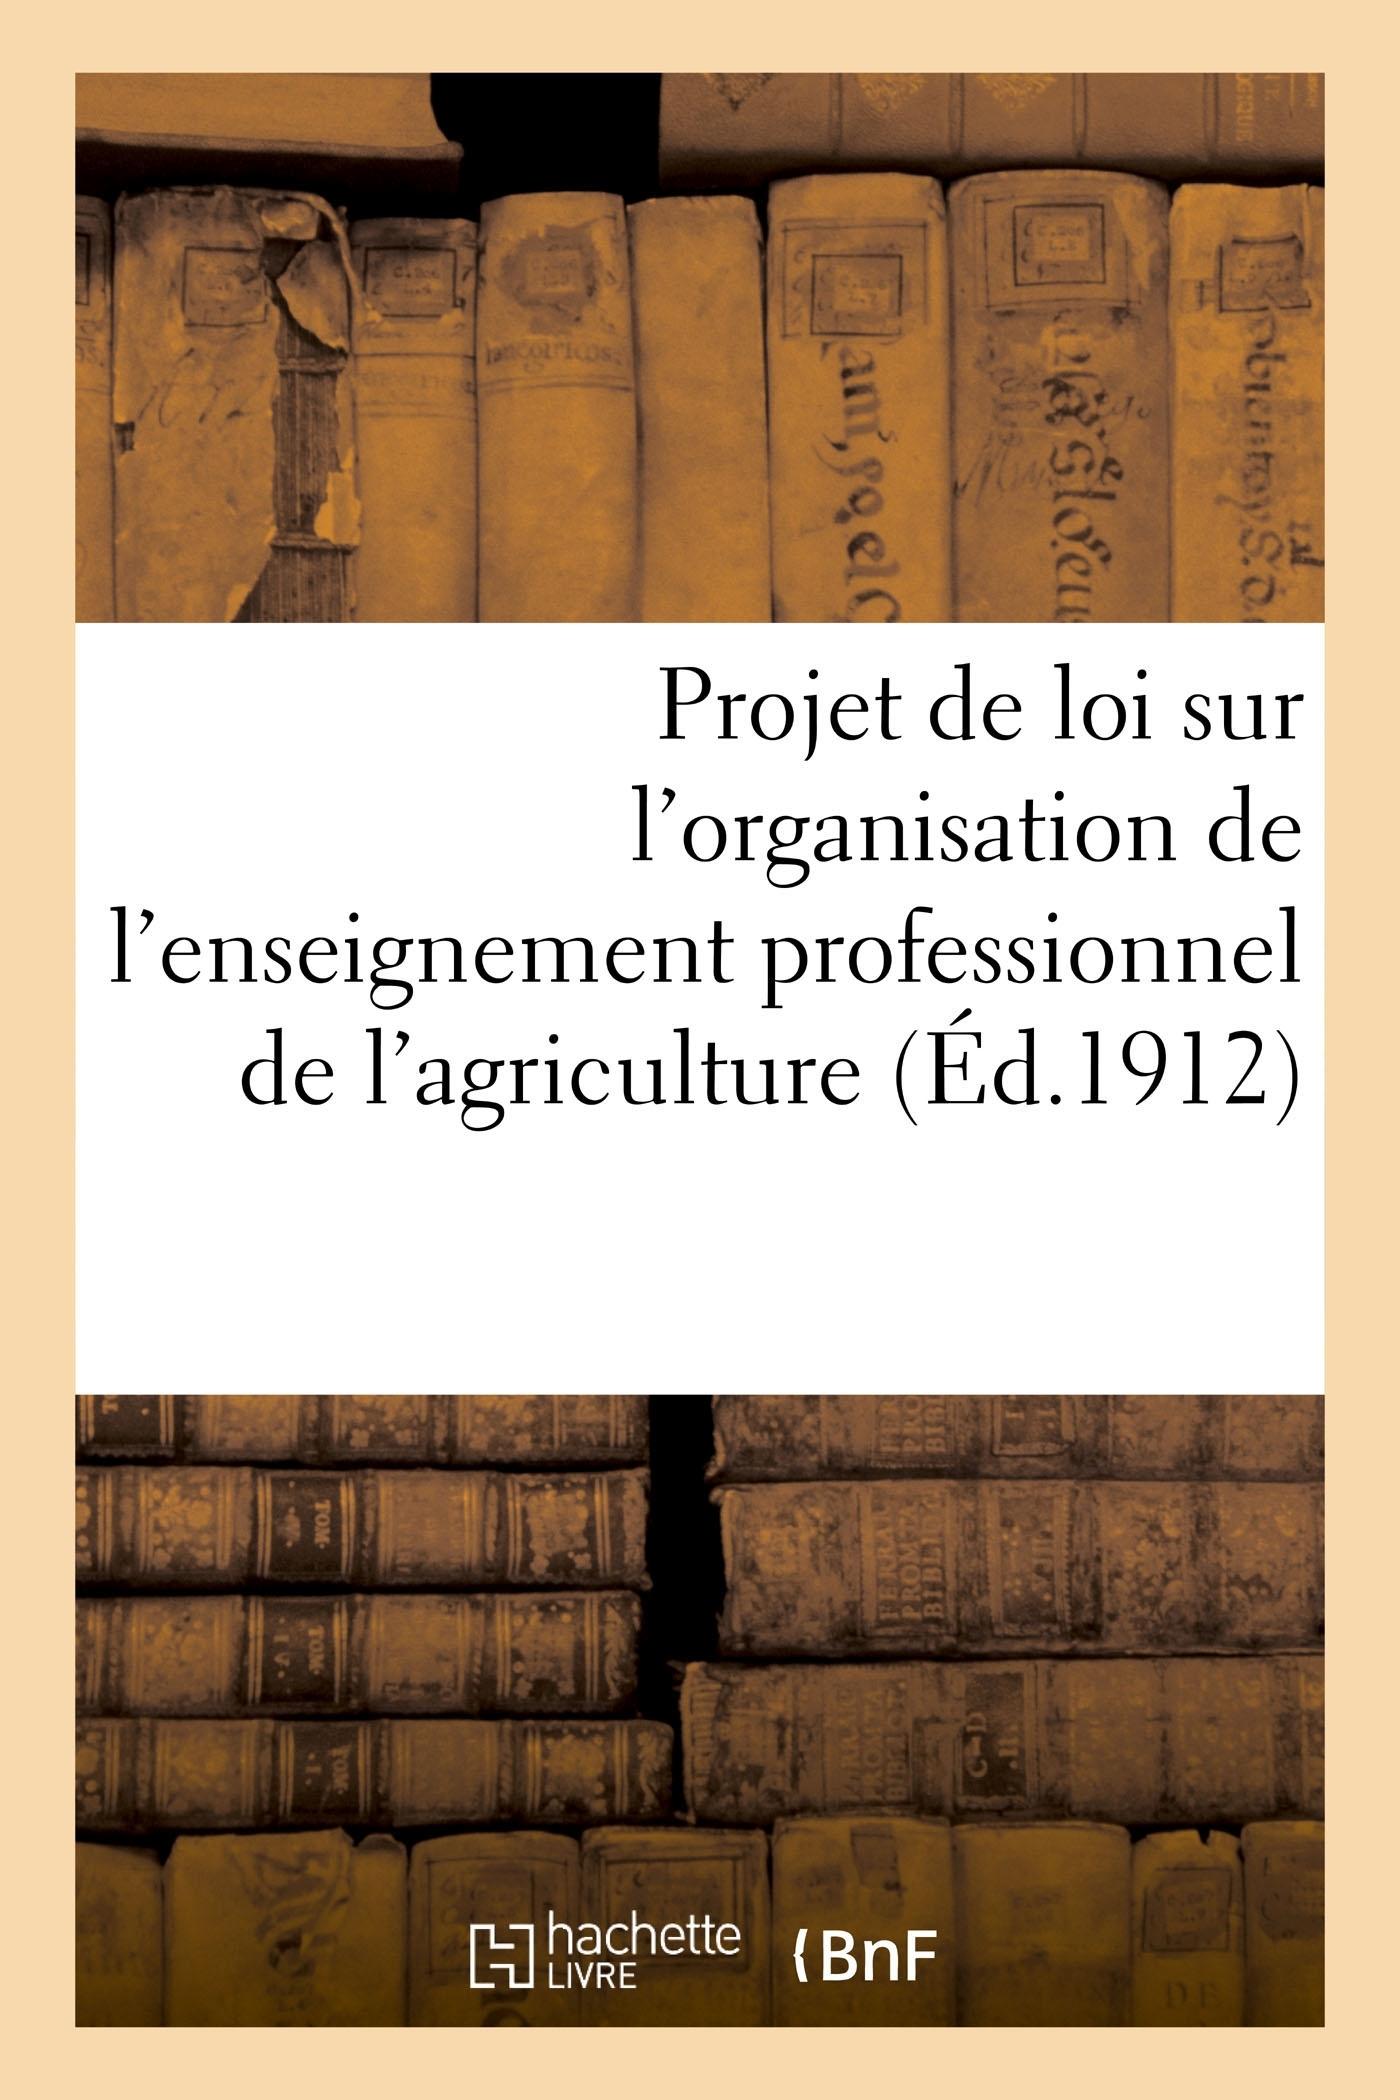 PROJET DE LOI SUR L'ORGANISATION DE L'ENSEIGNEMENT PROFESSIONNEL DE L'AGRICULTURE - DIRECTION DE L'E